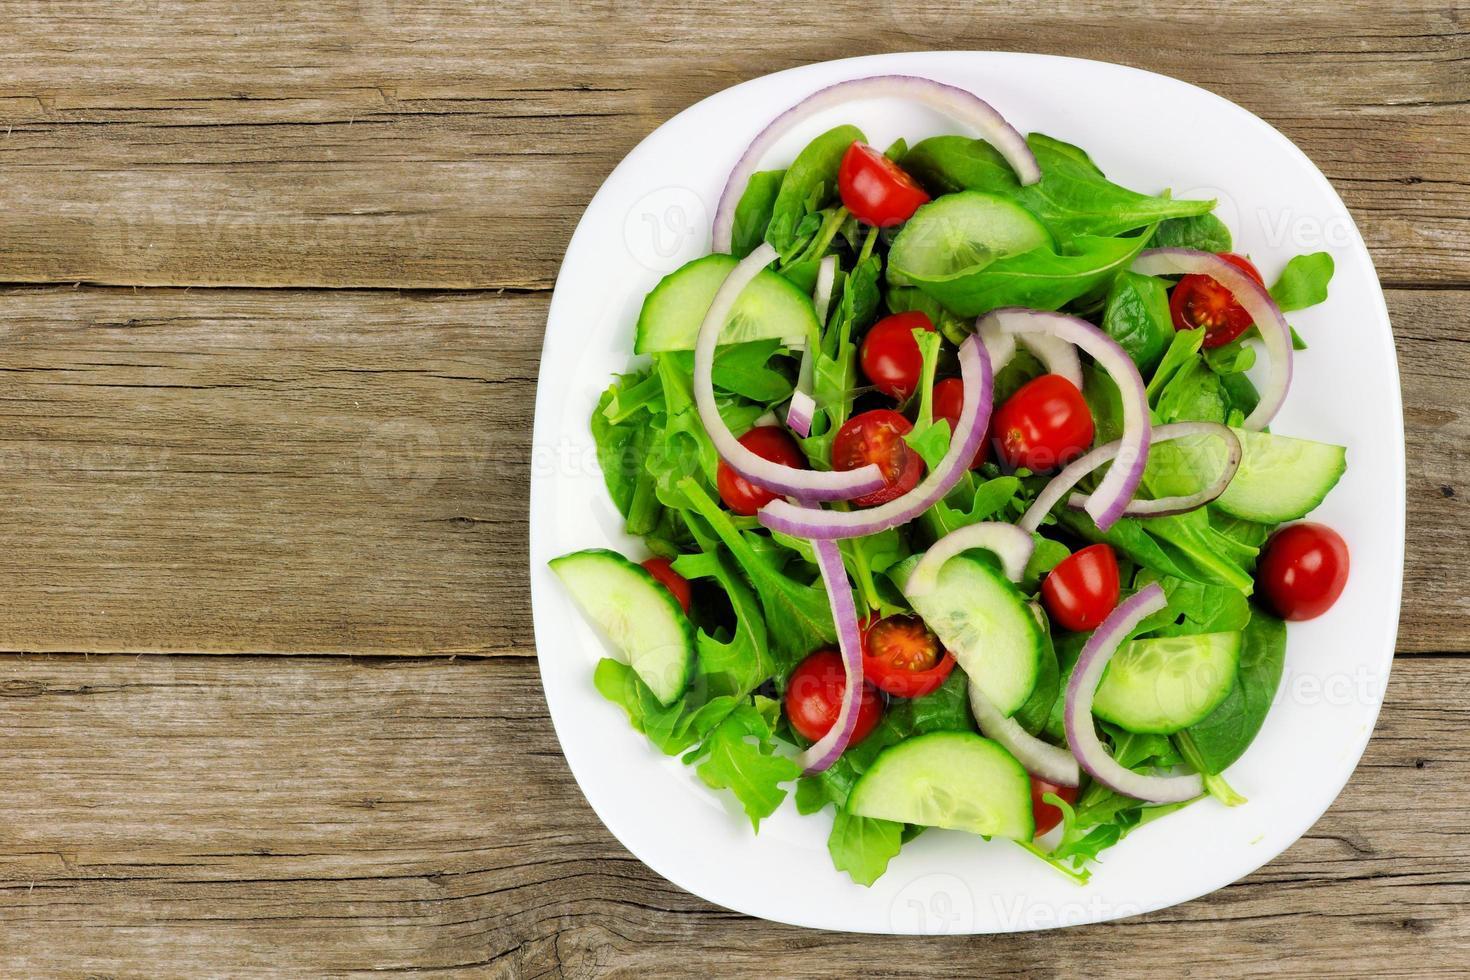 insalata del giardino sul piatto con fondo di legno foto